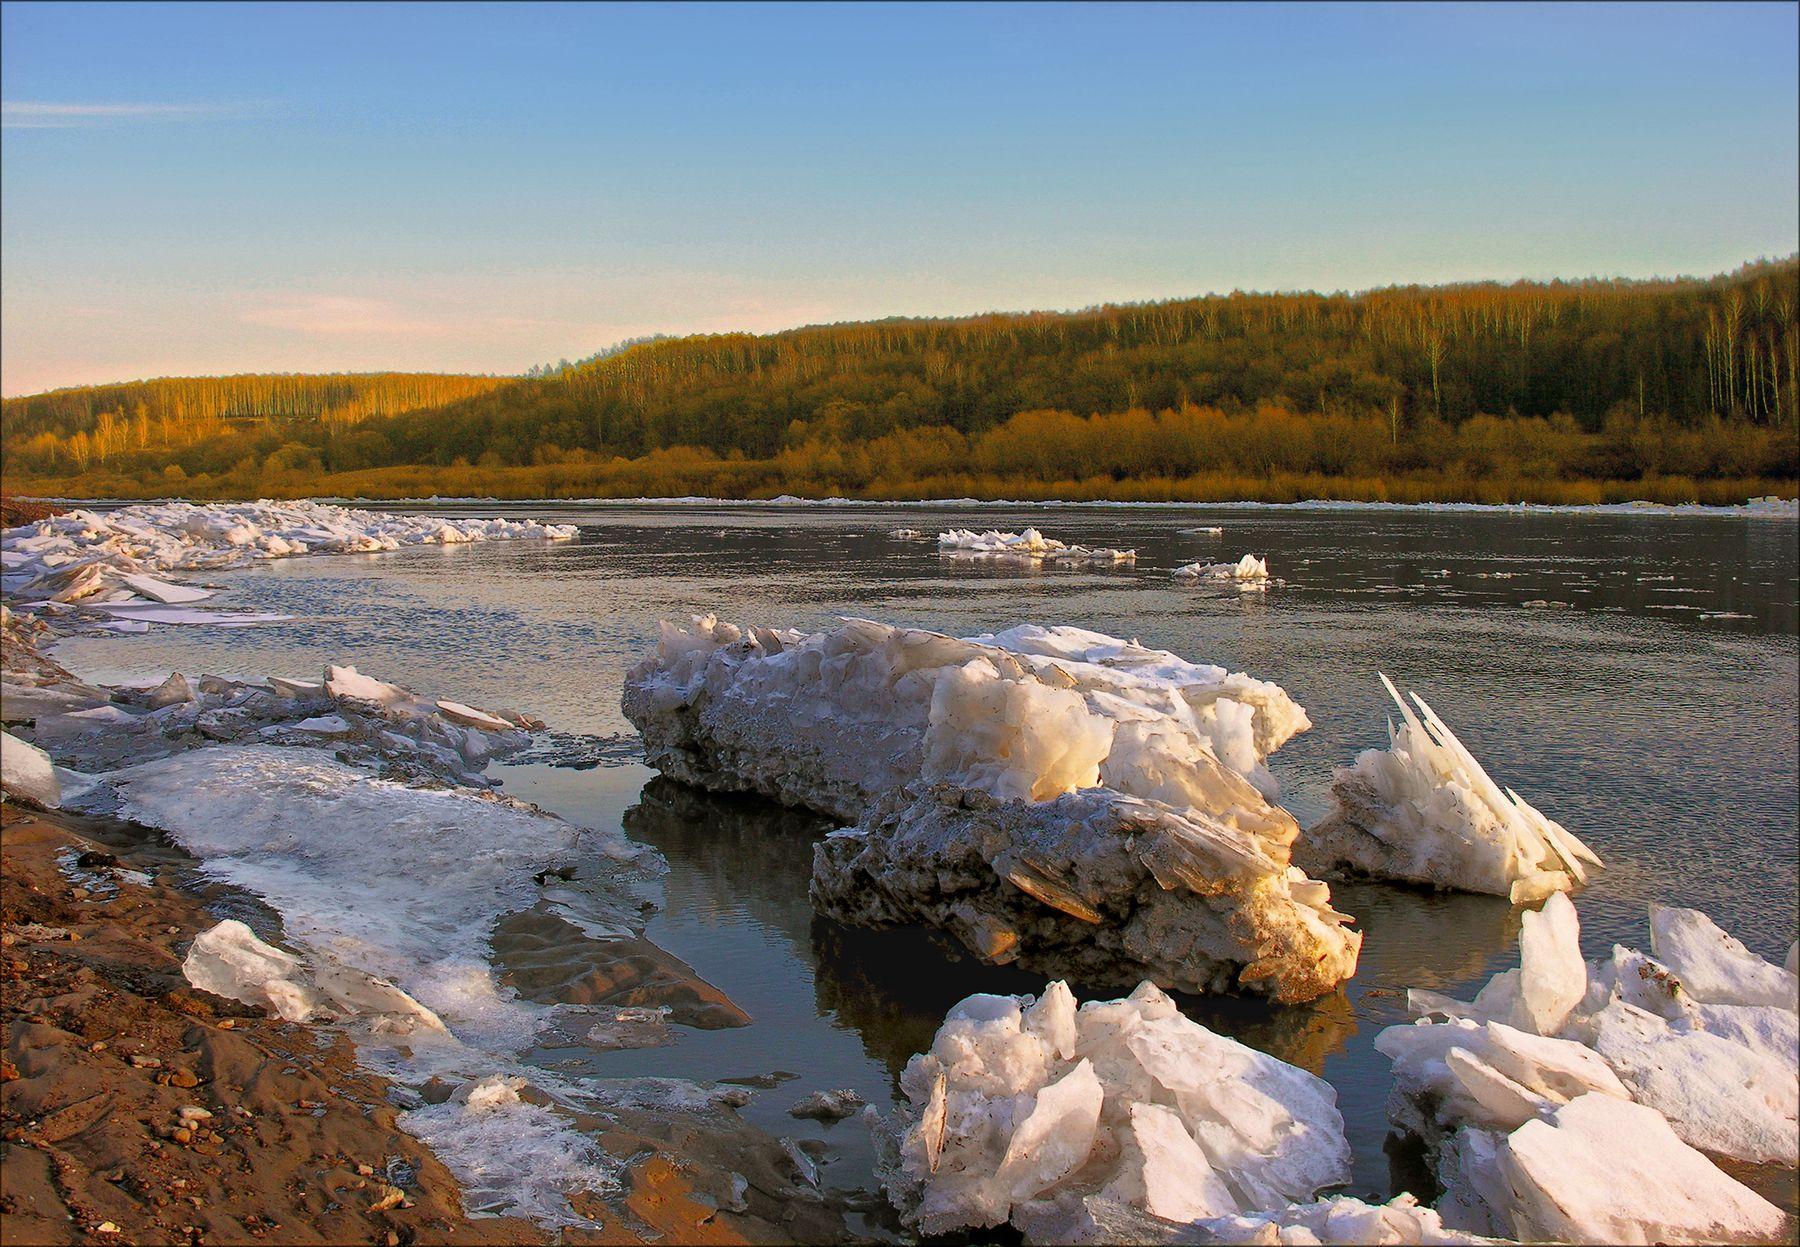 Весенним вечером на берегу реки вечер река остатки льда весна